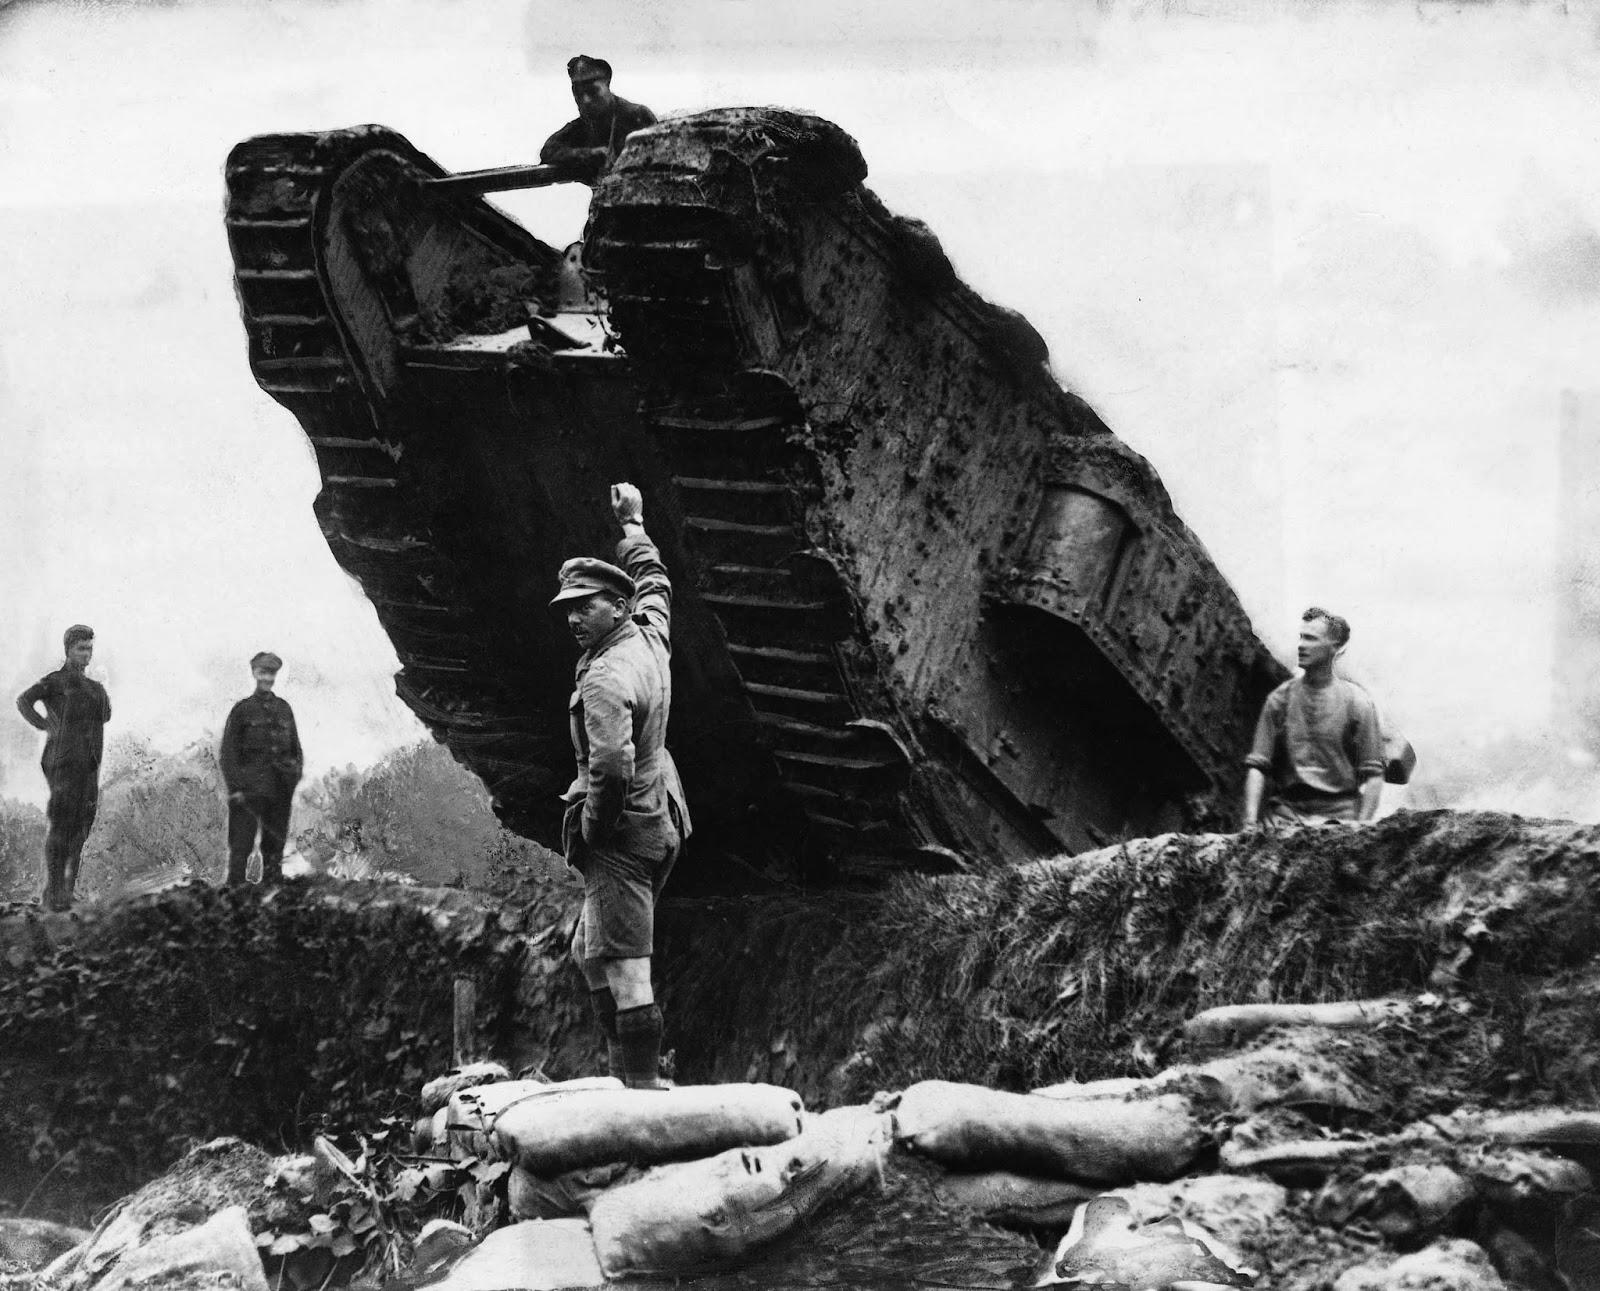 Los miembros de la Royal Navy maniobran un tanque, o